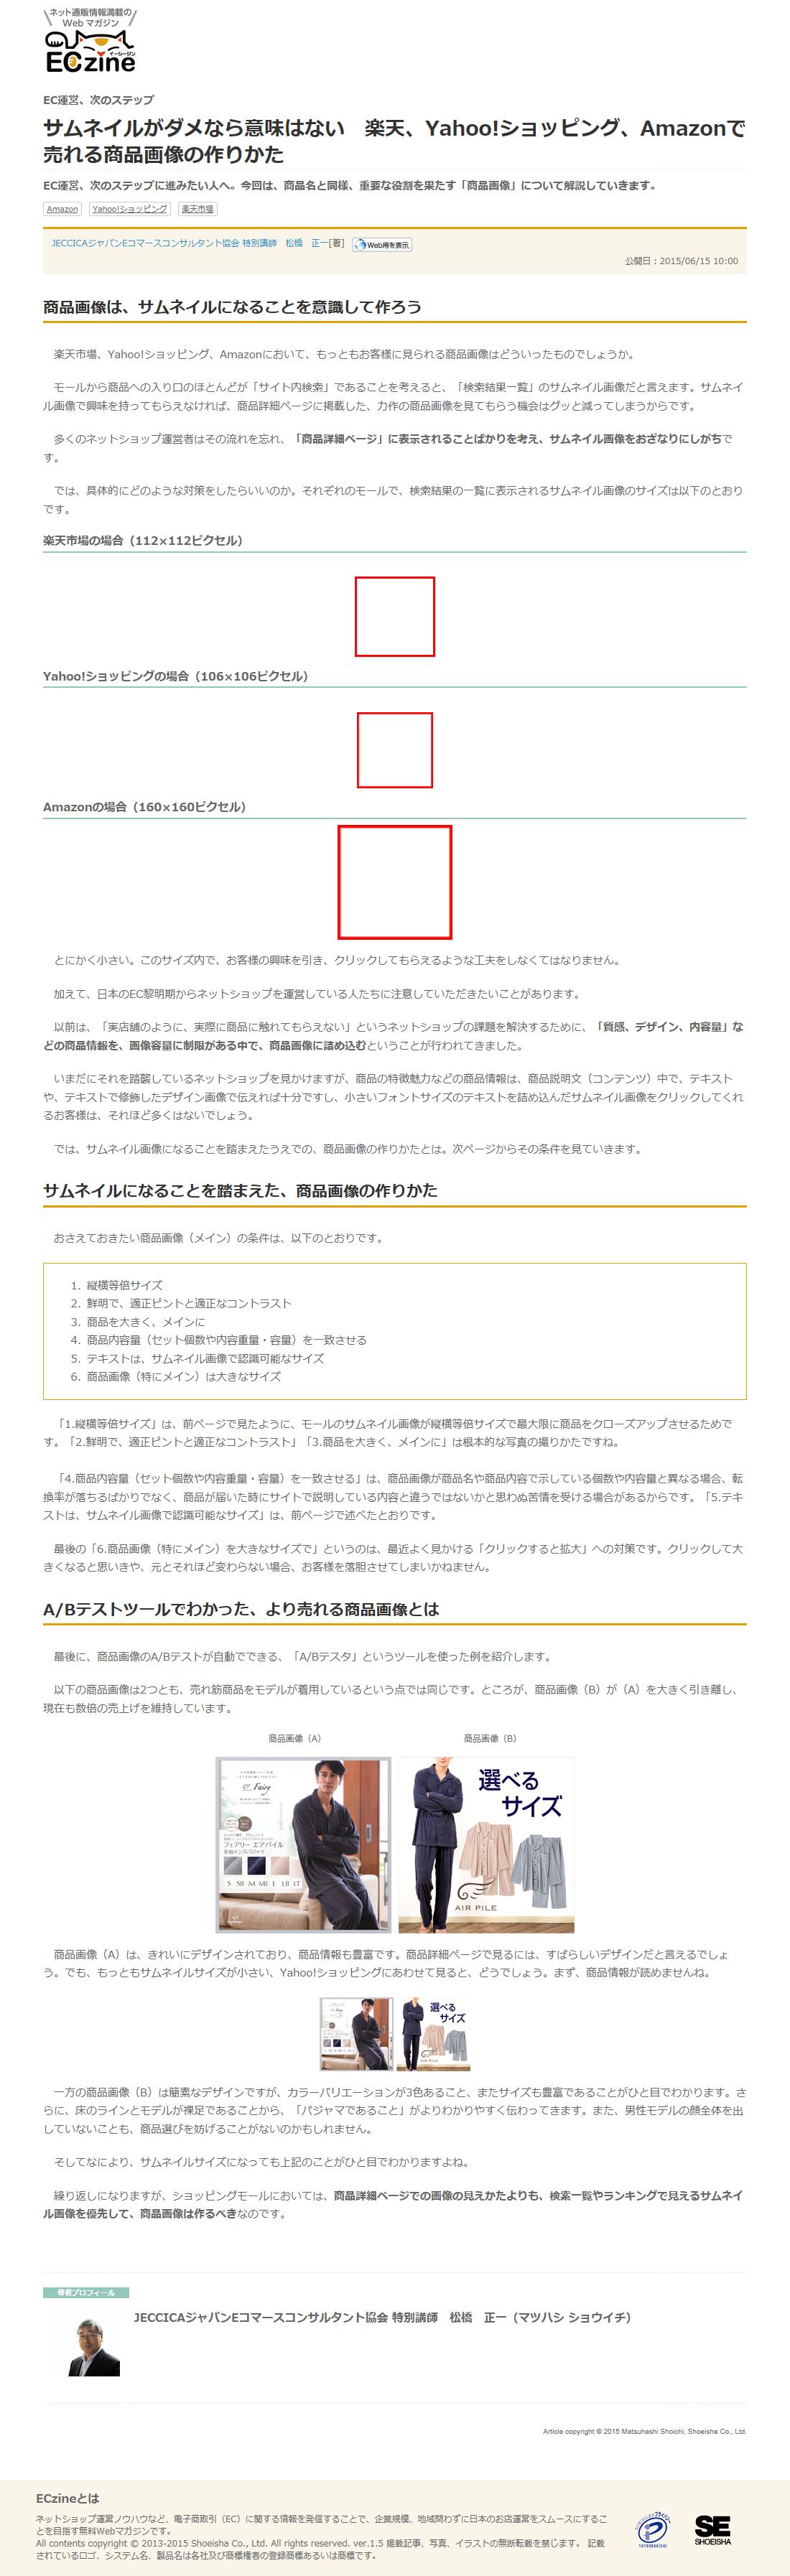 松橋さんの記事